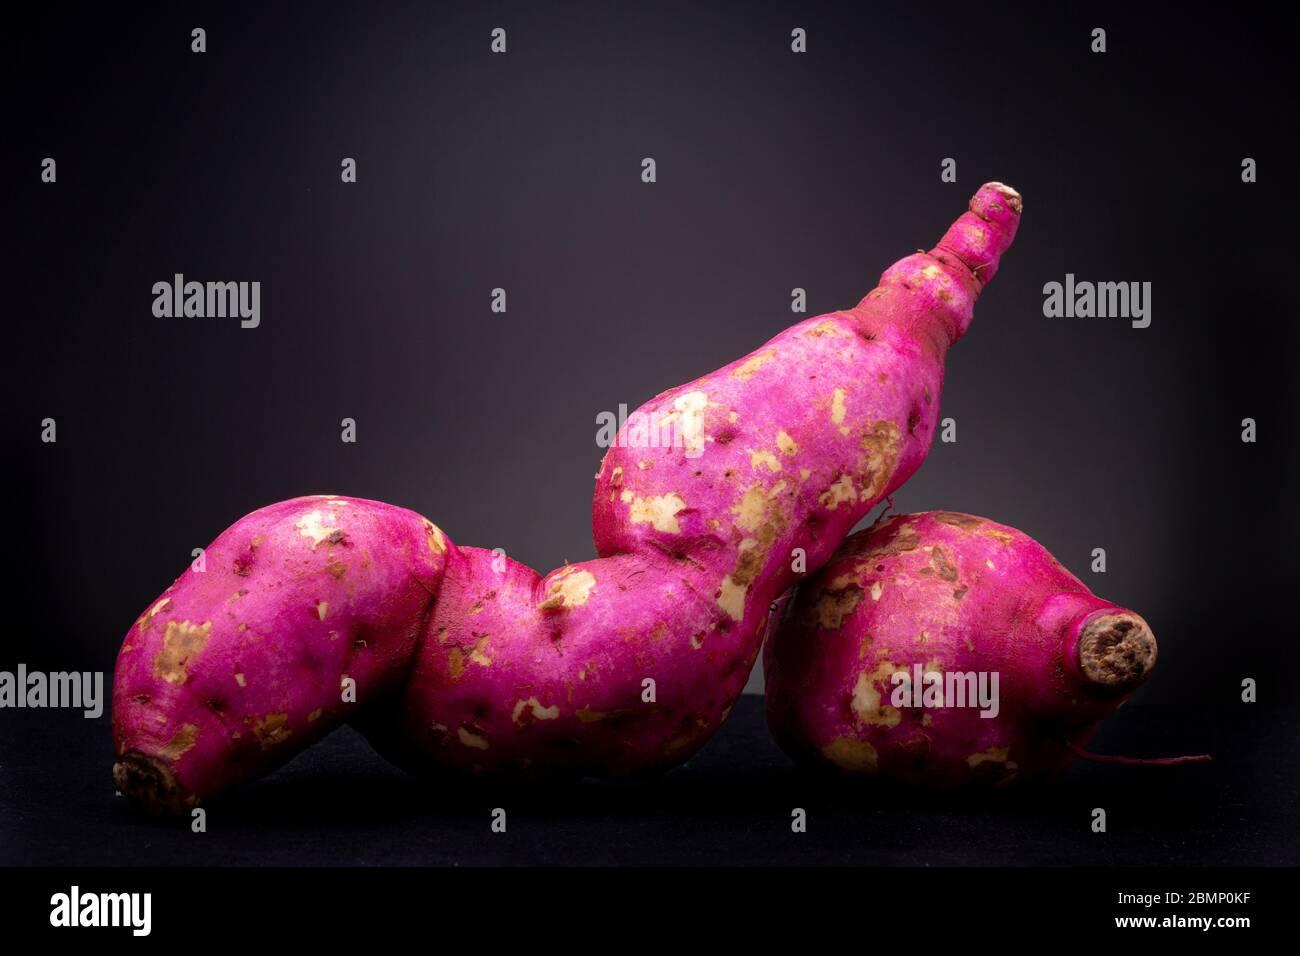 Couple de patates douces ou de yam magenta brillant, frais et coloré, dans un éclairage studio contrastent avec un fond gris foncé Banque D'Images